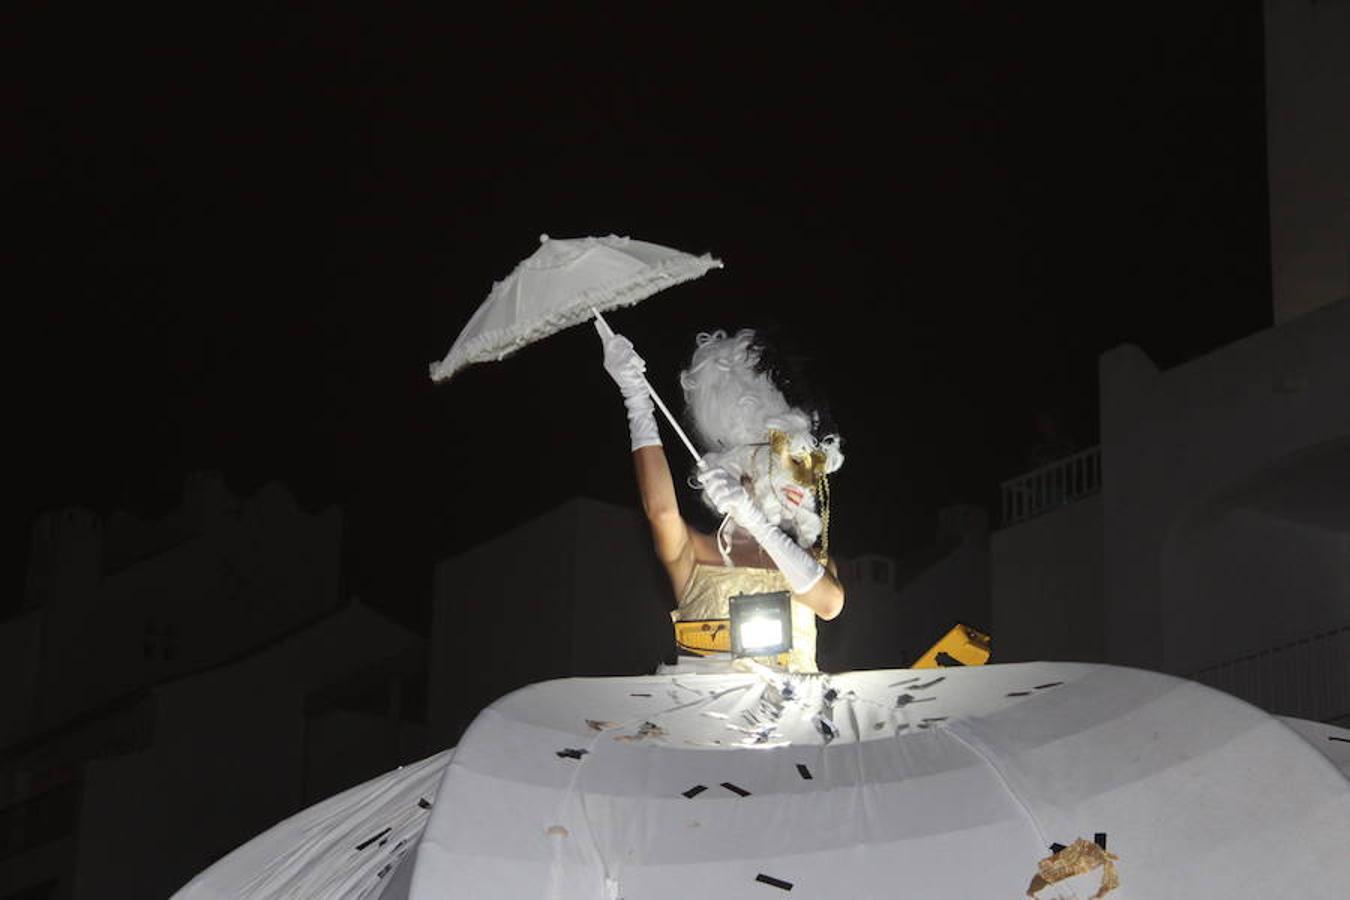 Almerimar vive su VII Noche en Vela